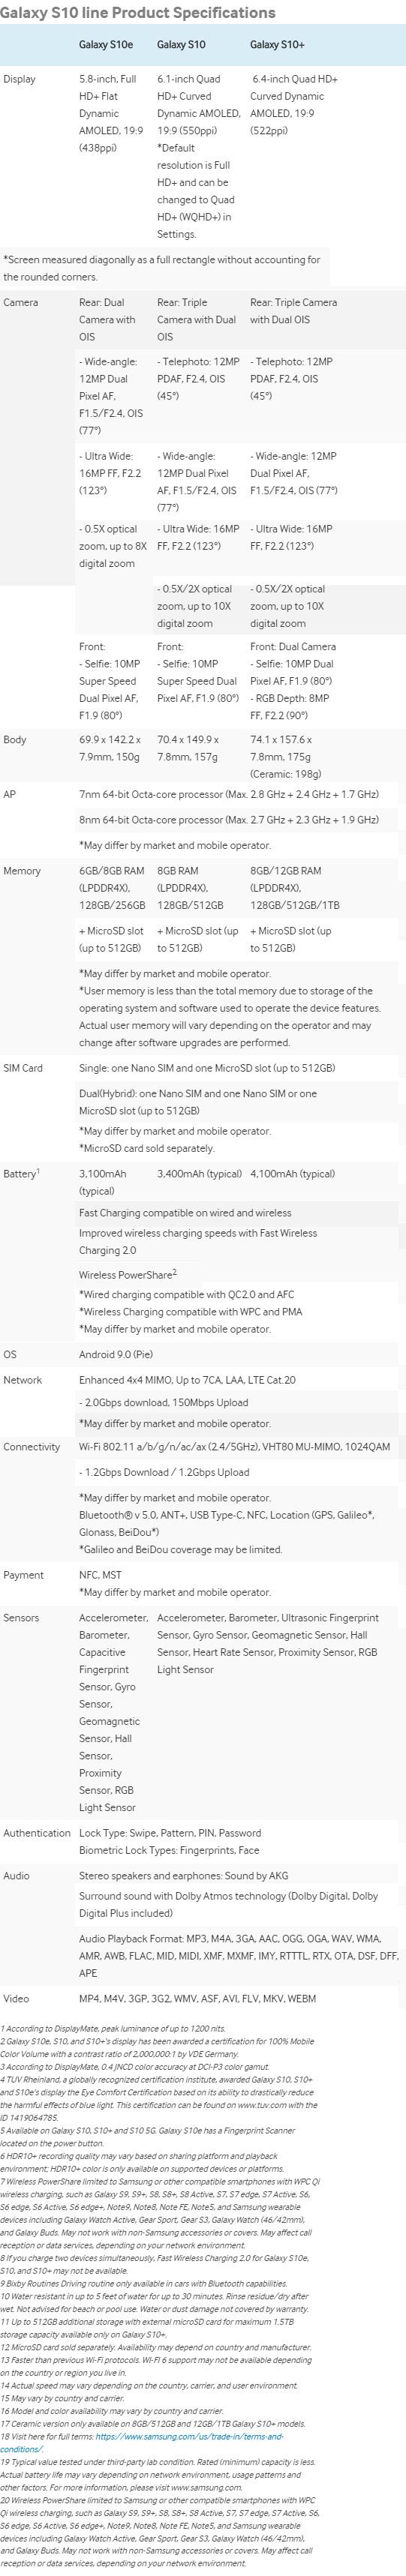 Samsung Galaxy S10e, S10 and S10 Plus